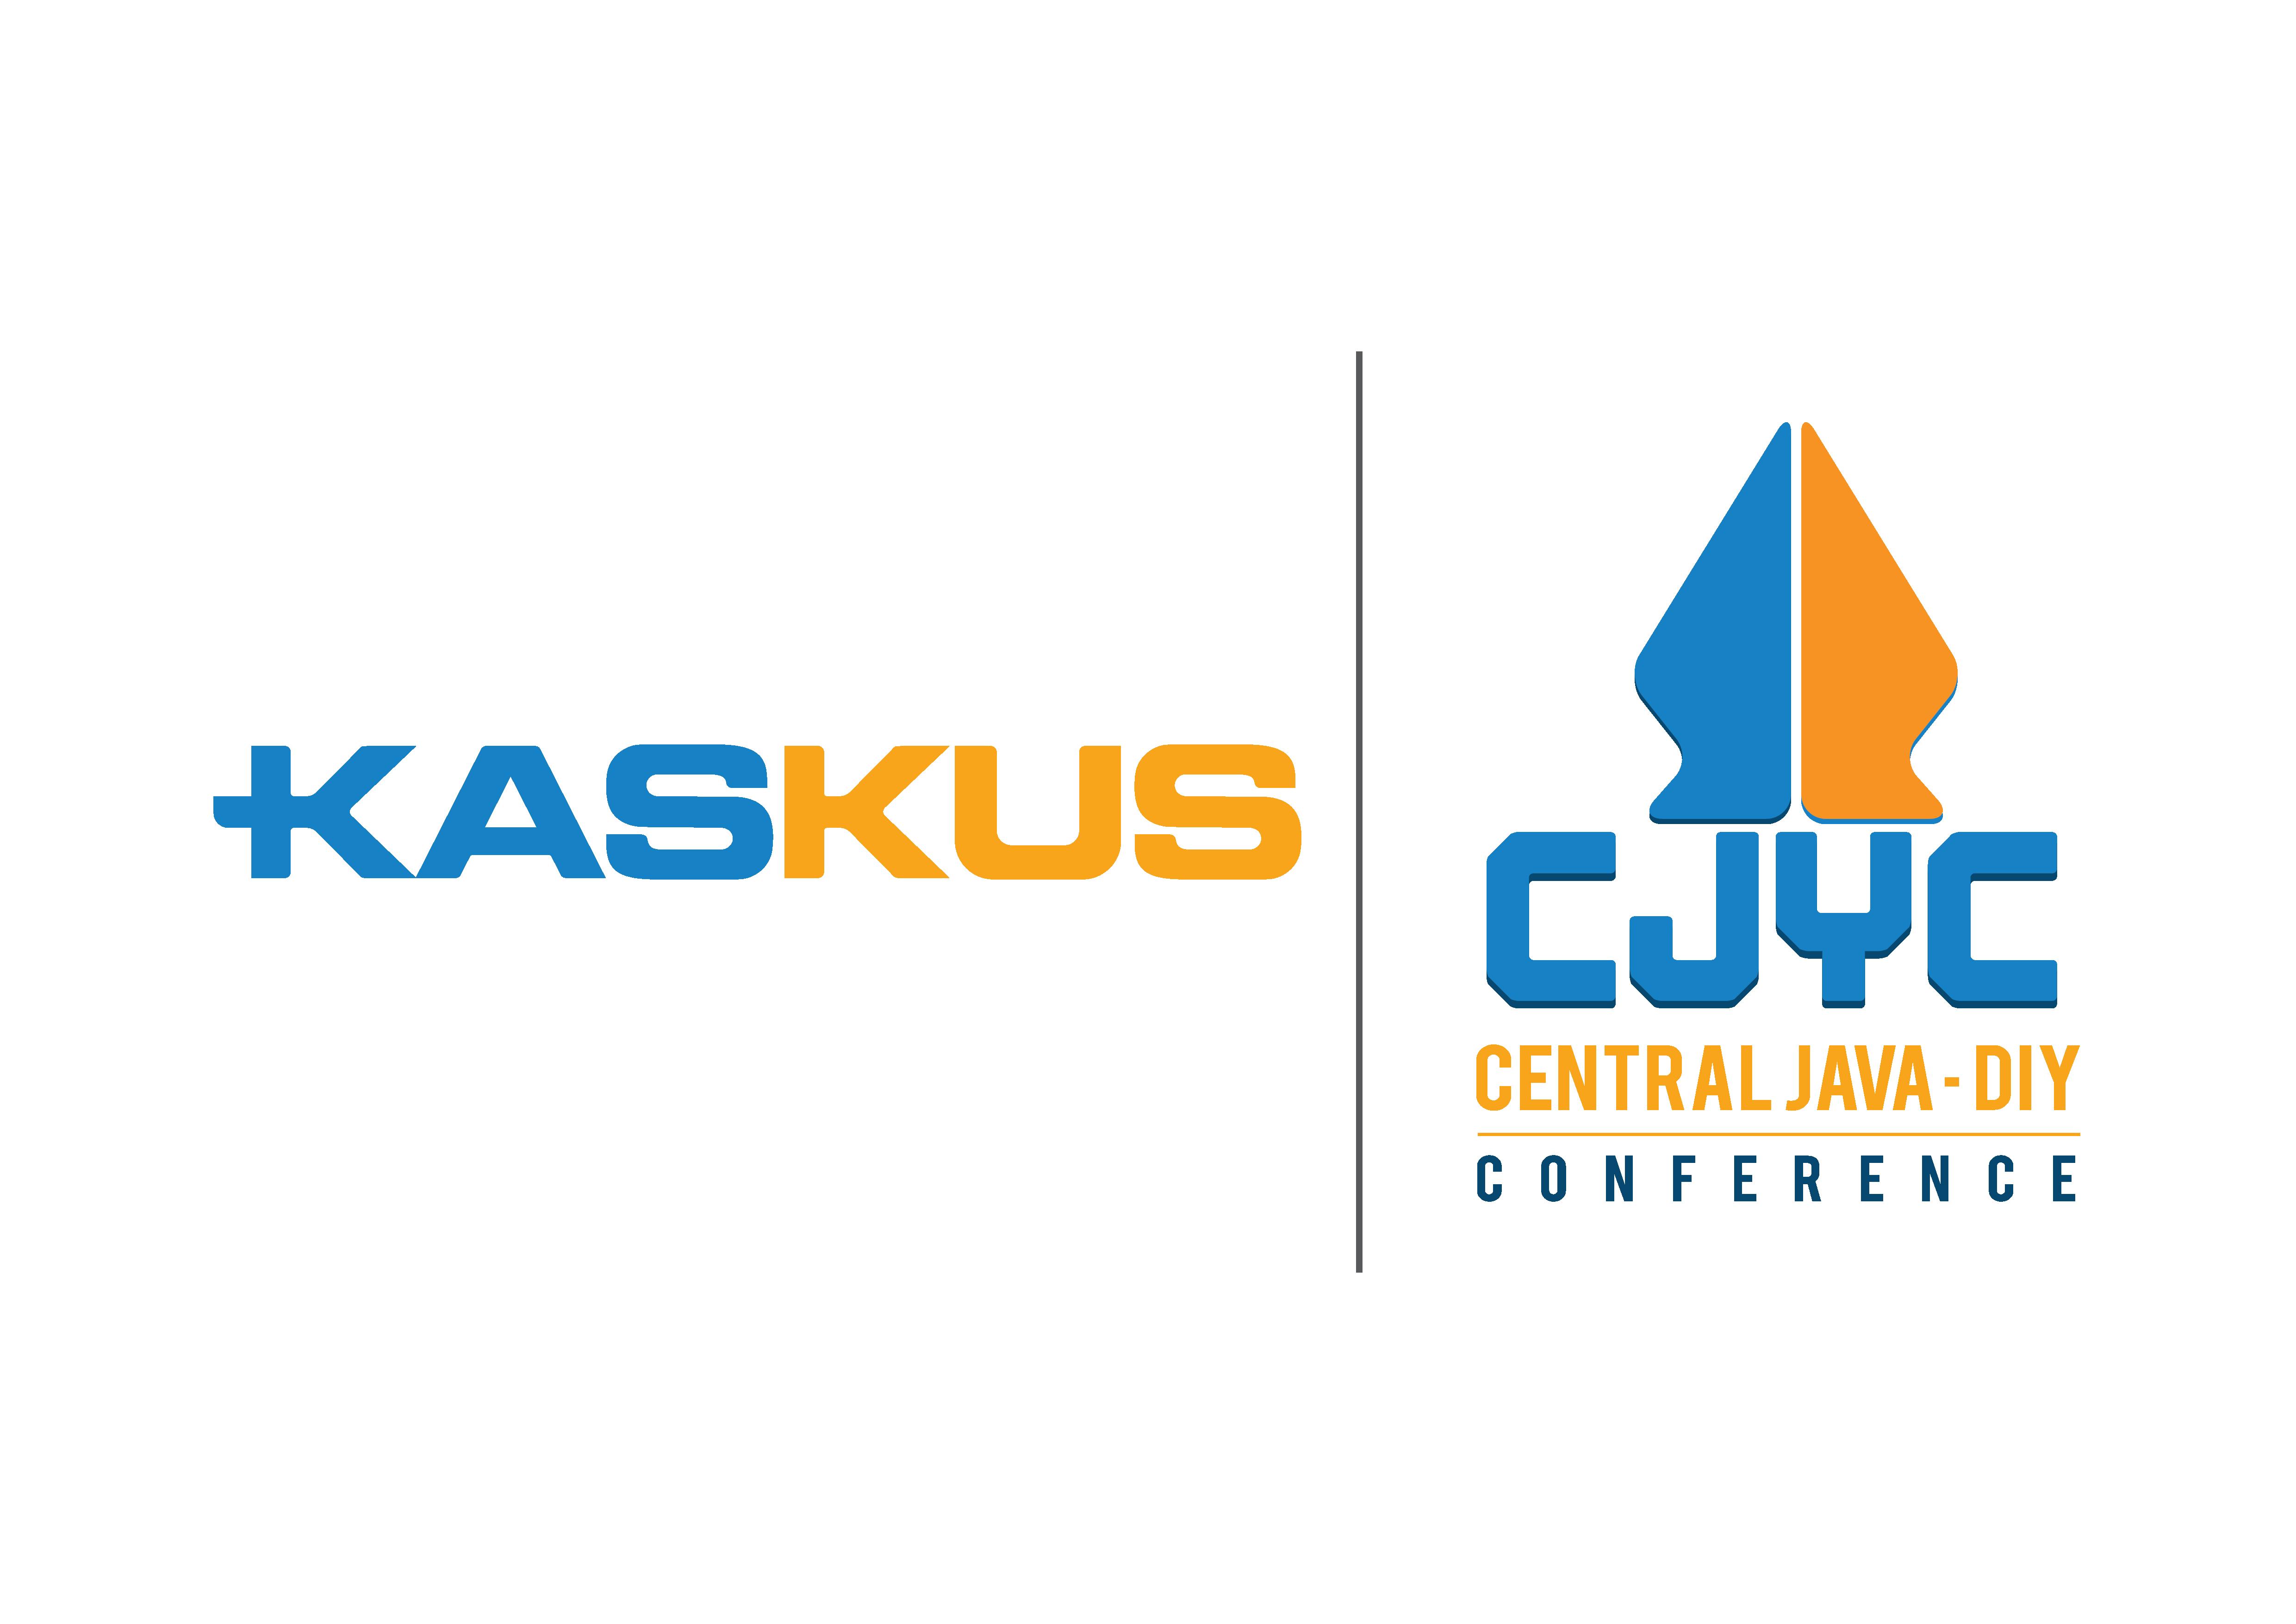 KASKUS CJYC